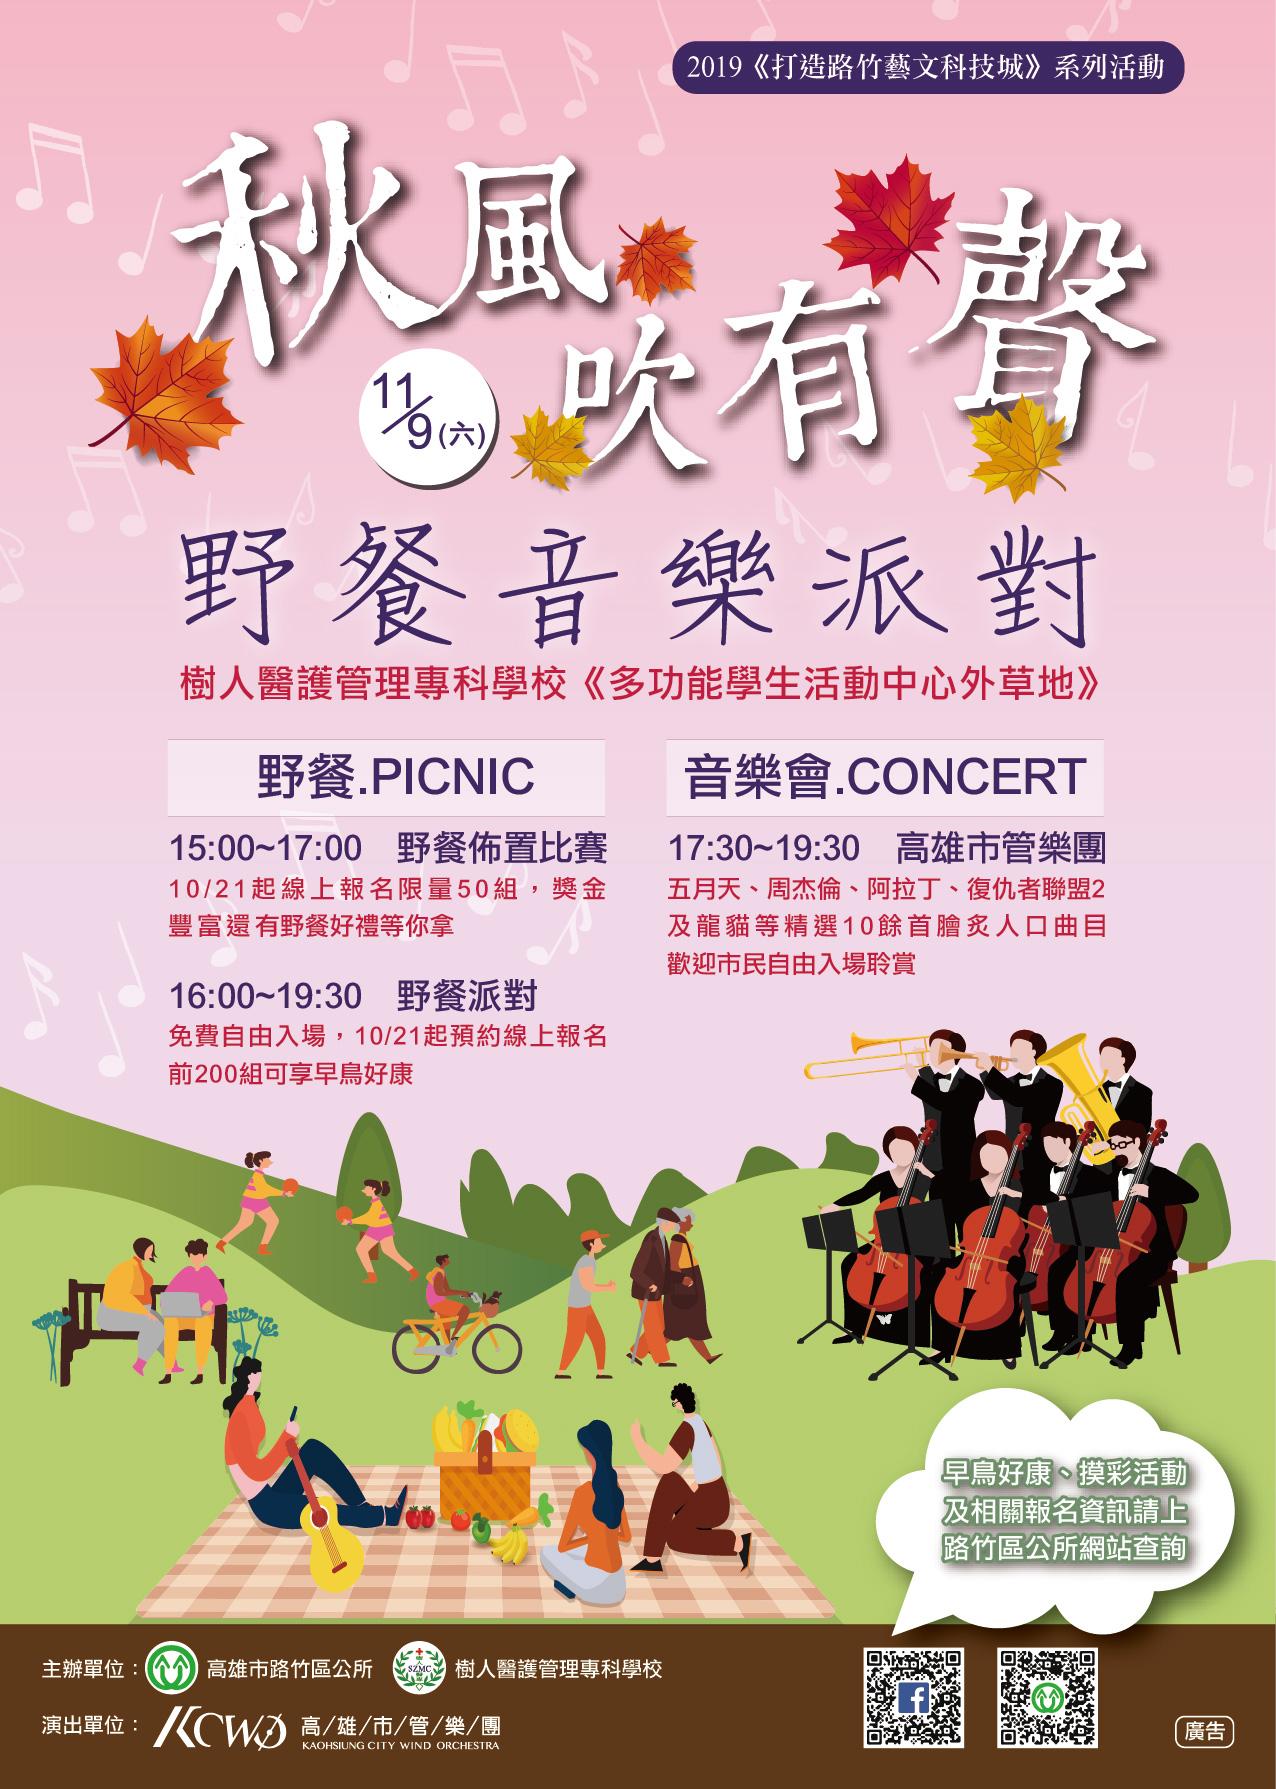 2019打造路竹藝文科技城系列活動秋風吹有聲野餐音樂派對